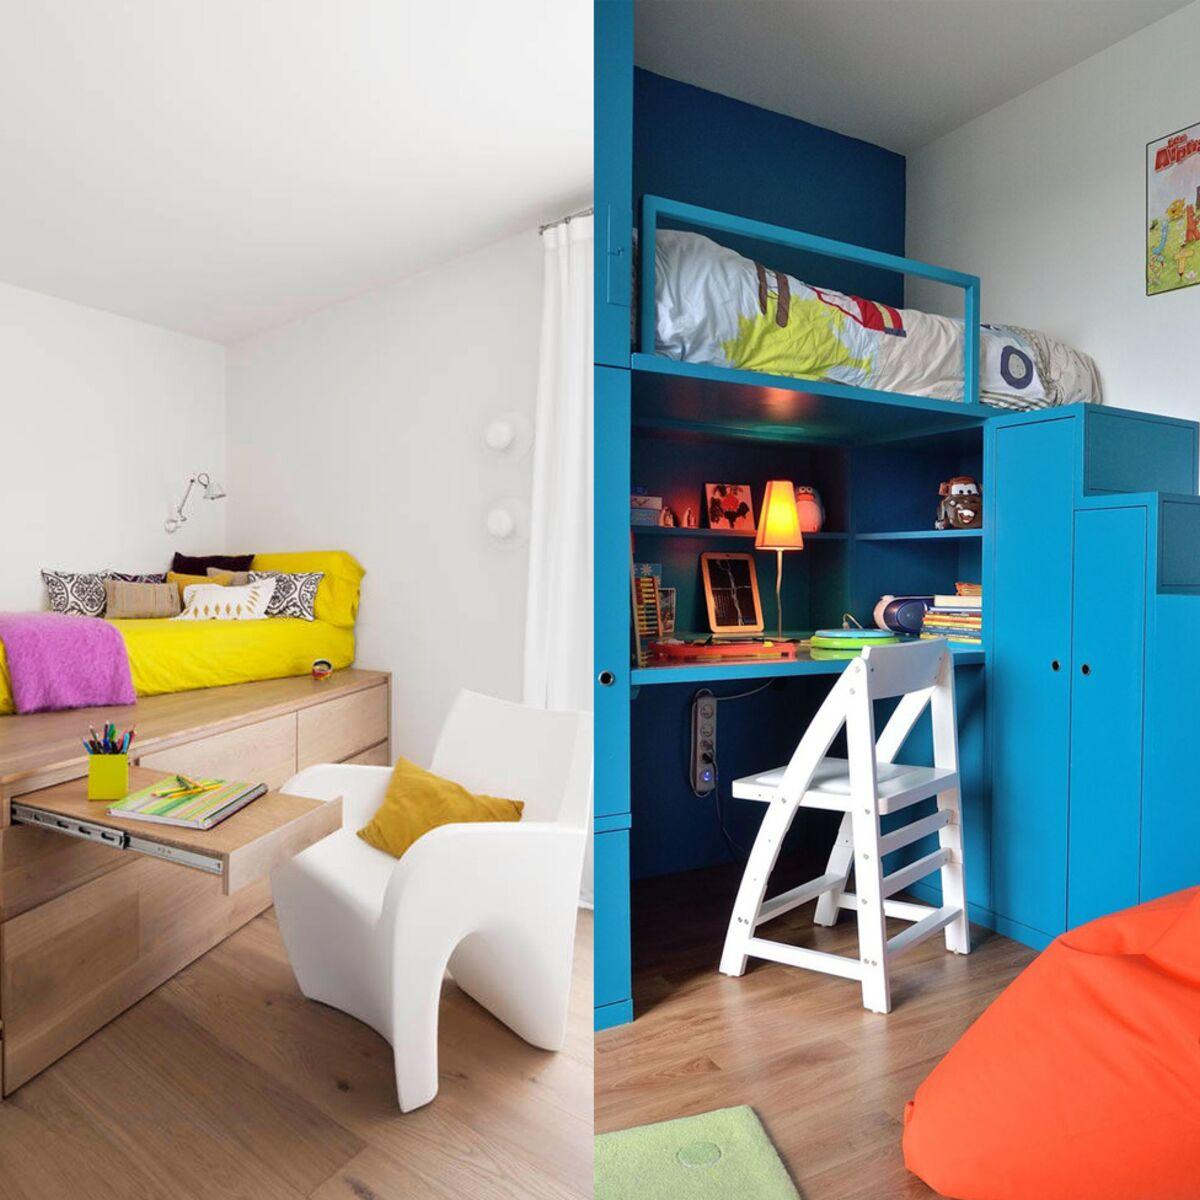 Deco Petite Chambre Enfant chambre d'enfant : 12 astuces pour optimiser les petits